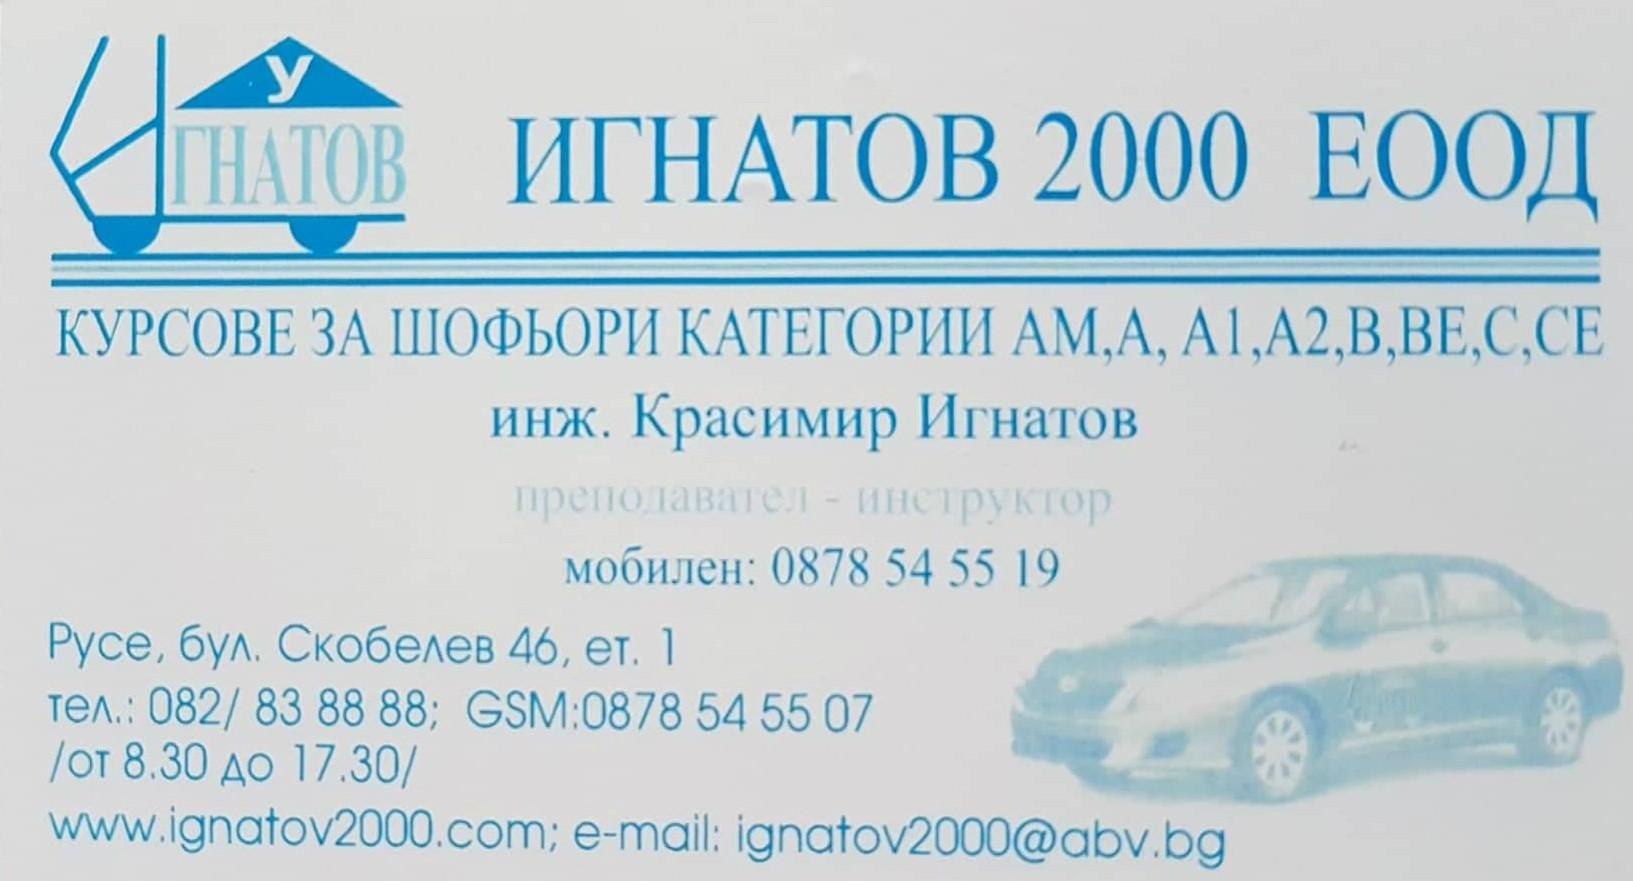 игнатов 2000